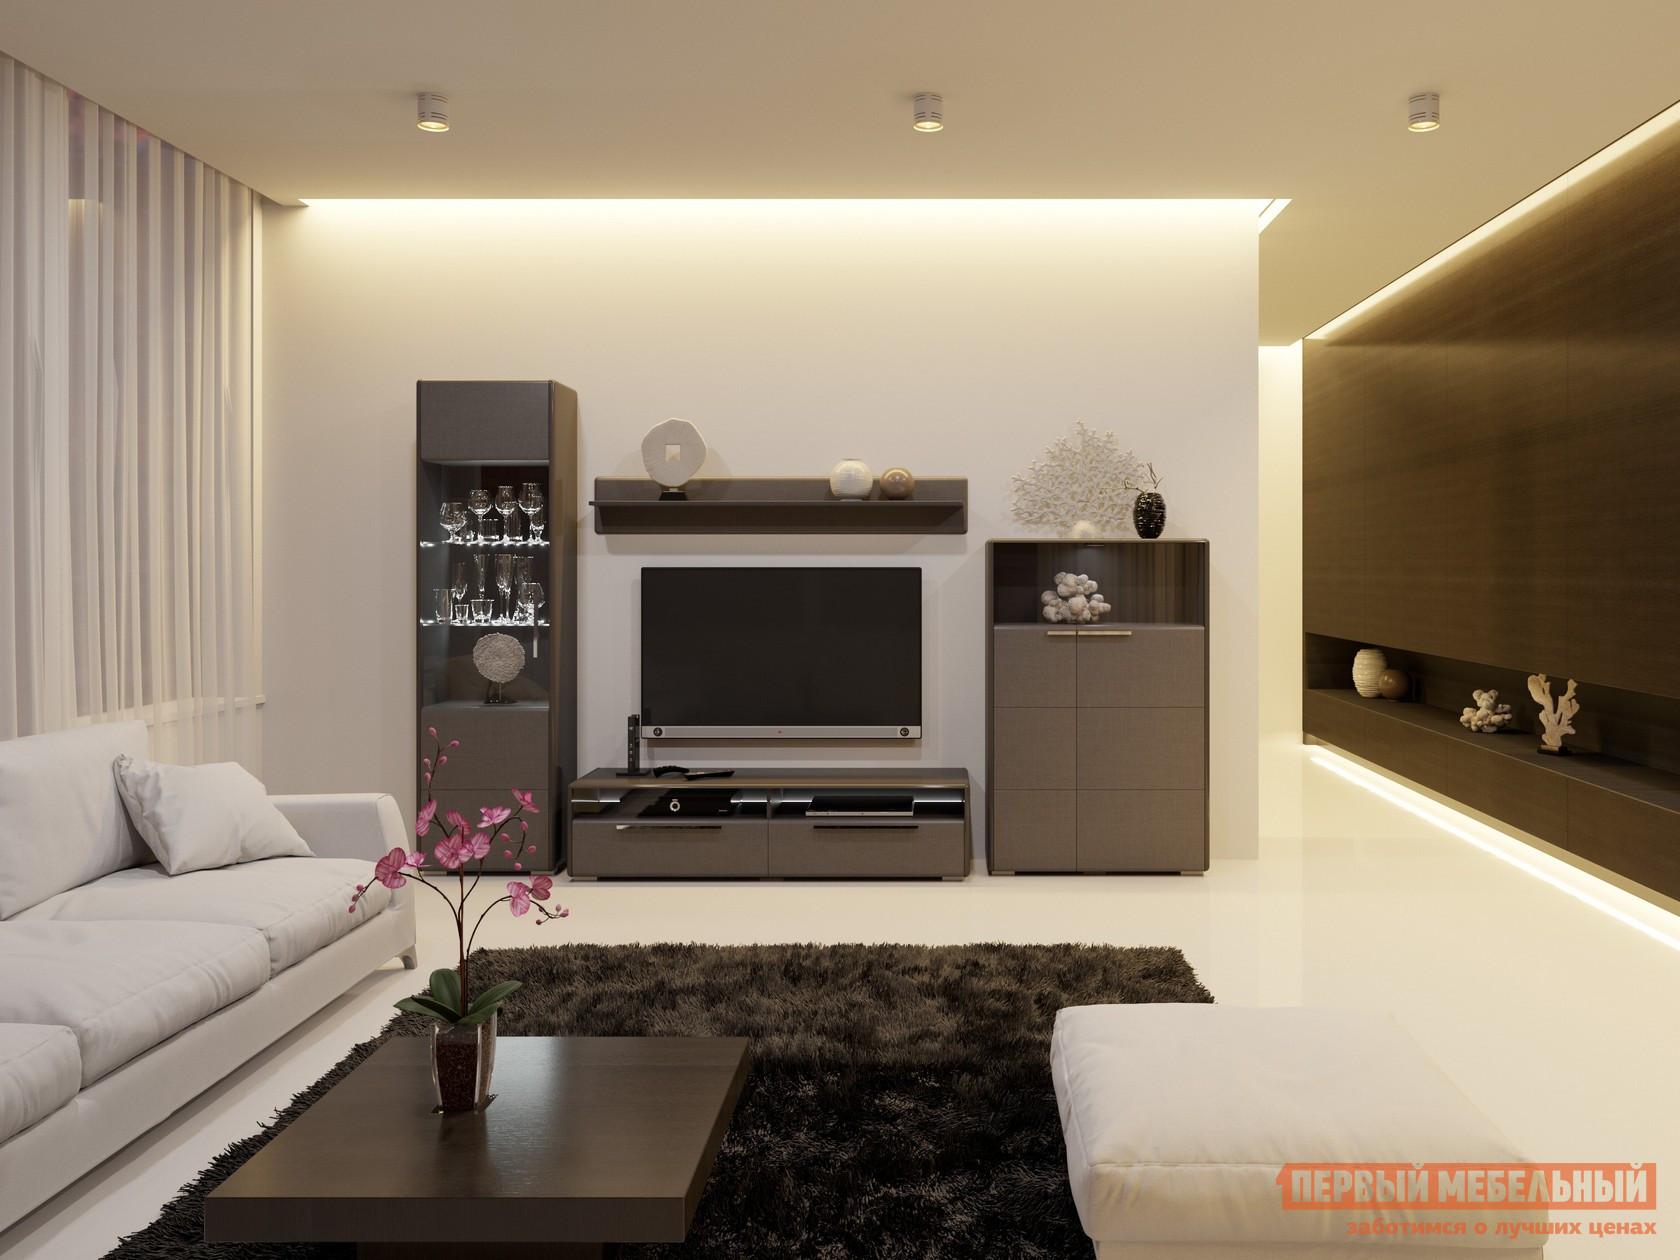 Стенка для гостиной ТриЯ ГН-208.103 стенка для гостиной гранд кволити стенка горка джордан 6 559